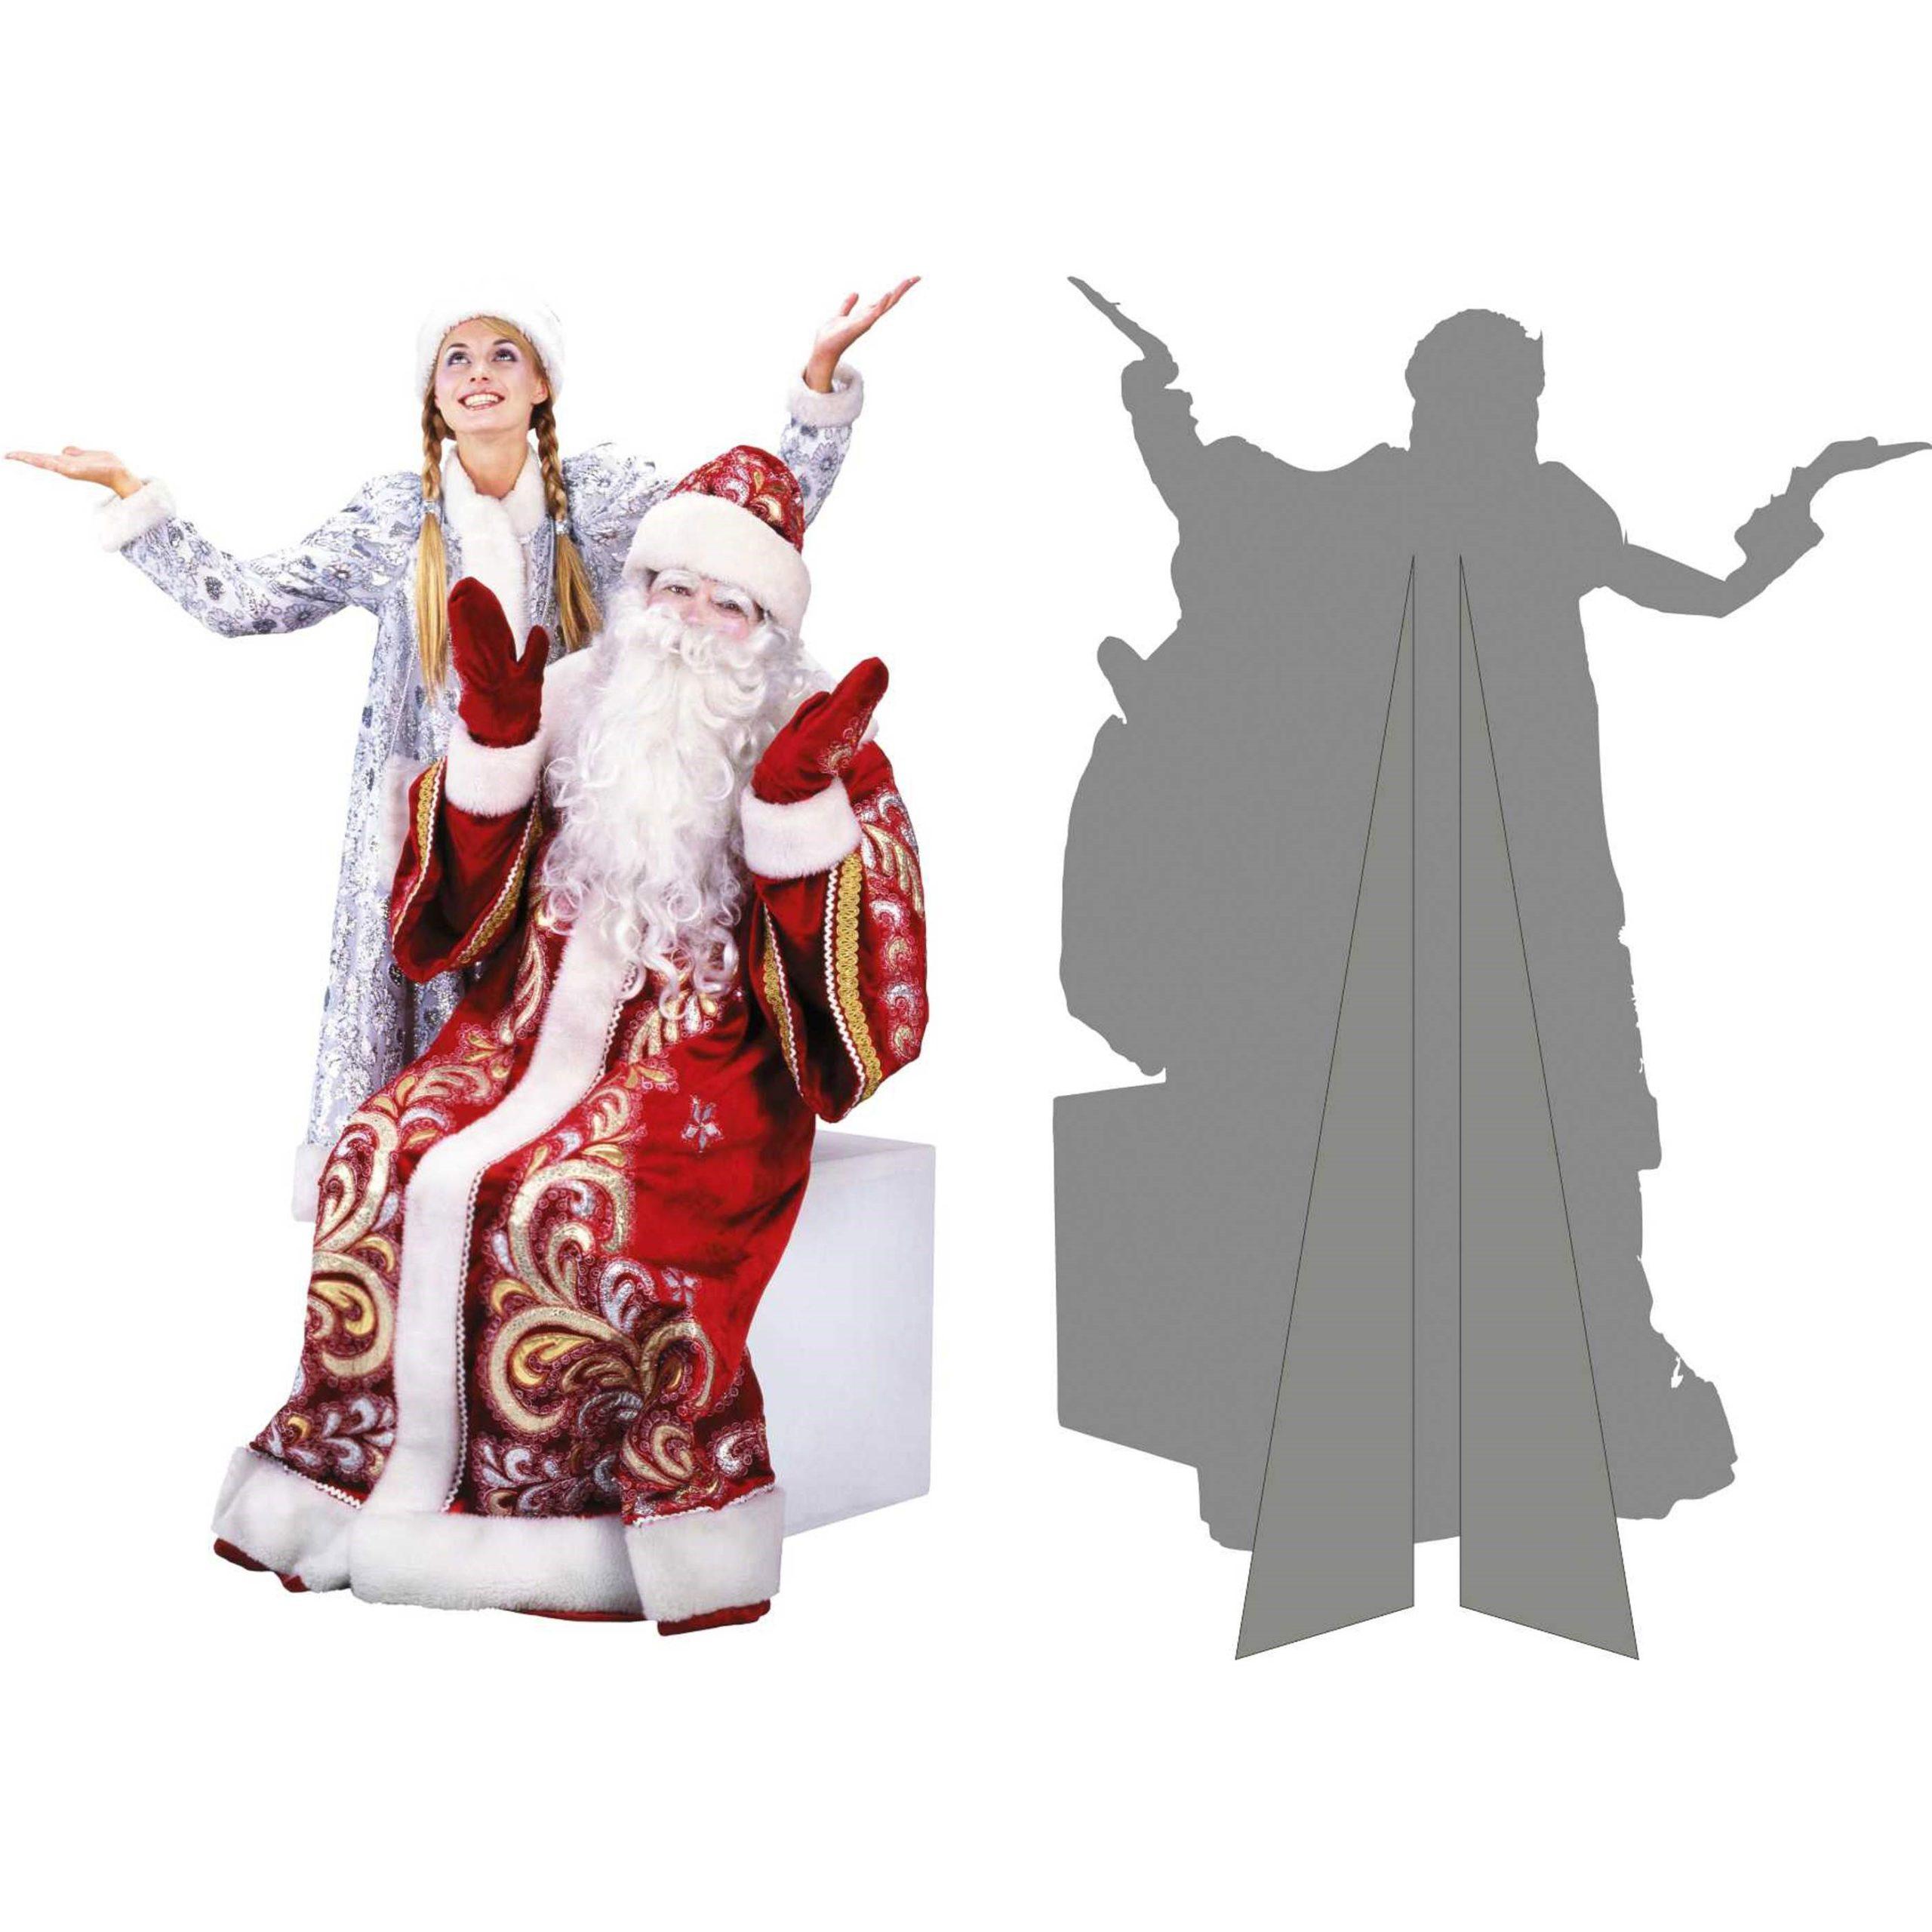 Ростовая фигура дед мороз и Снегурочка   фото 4